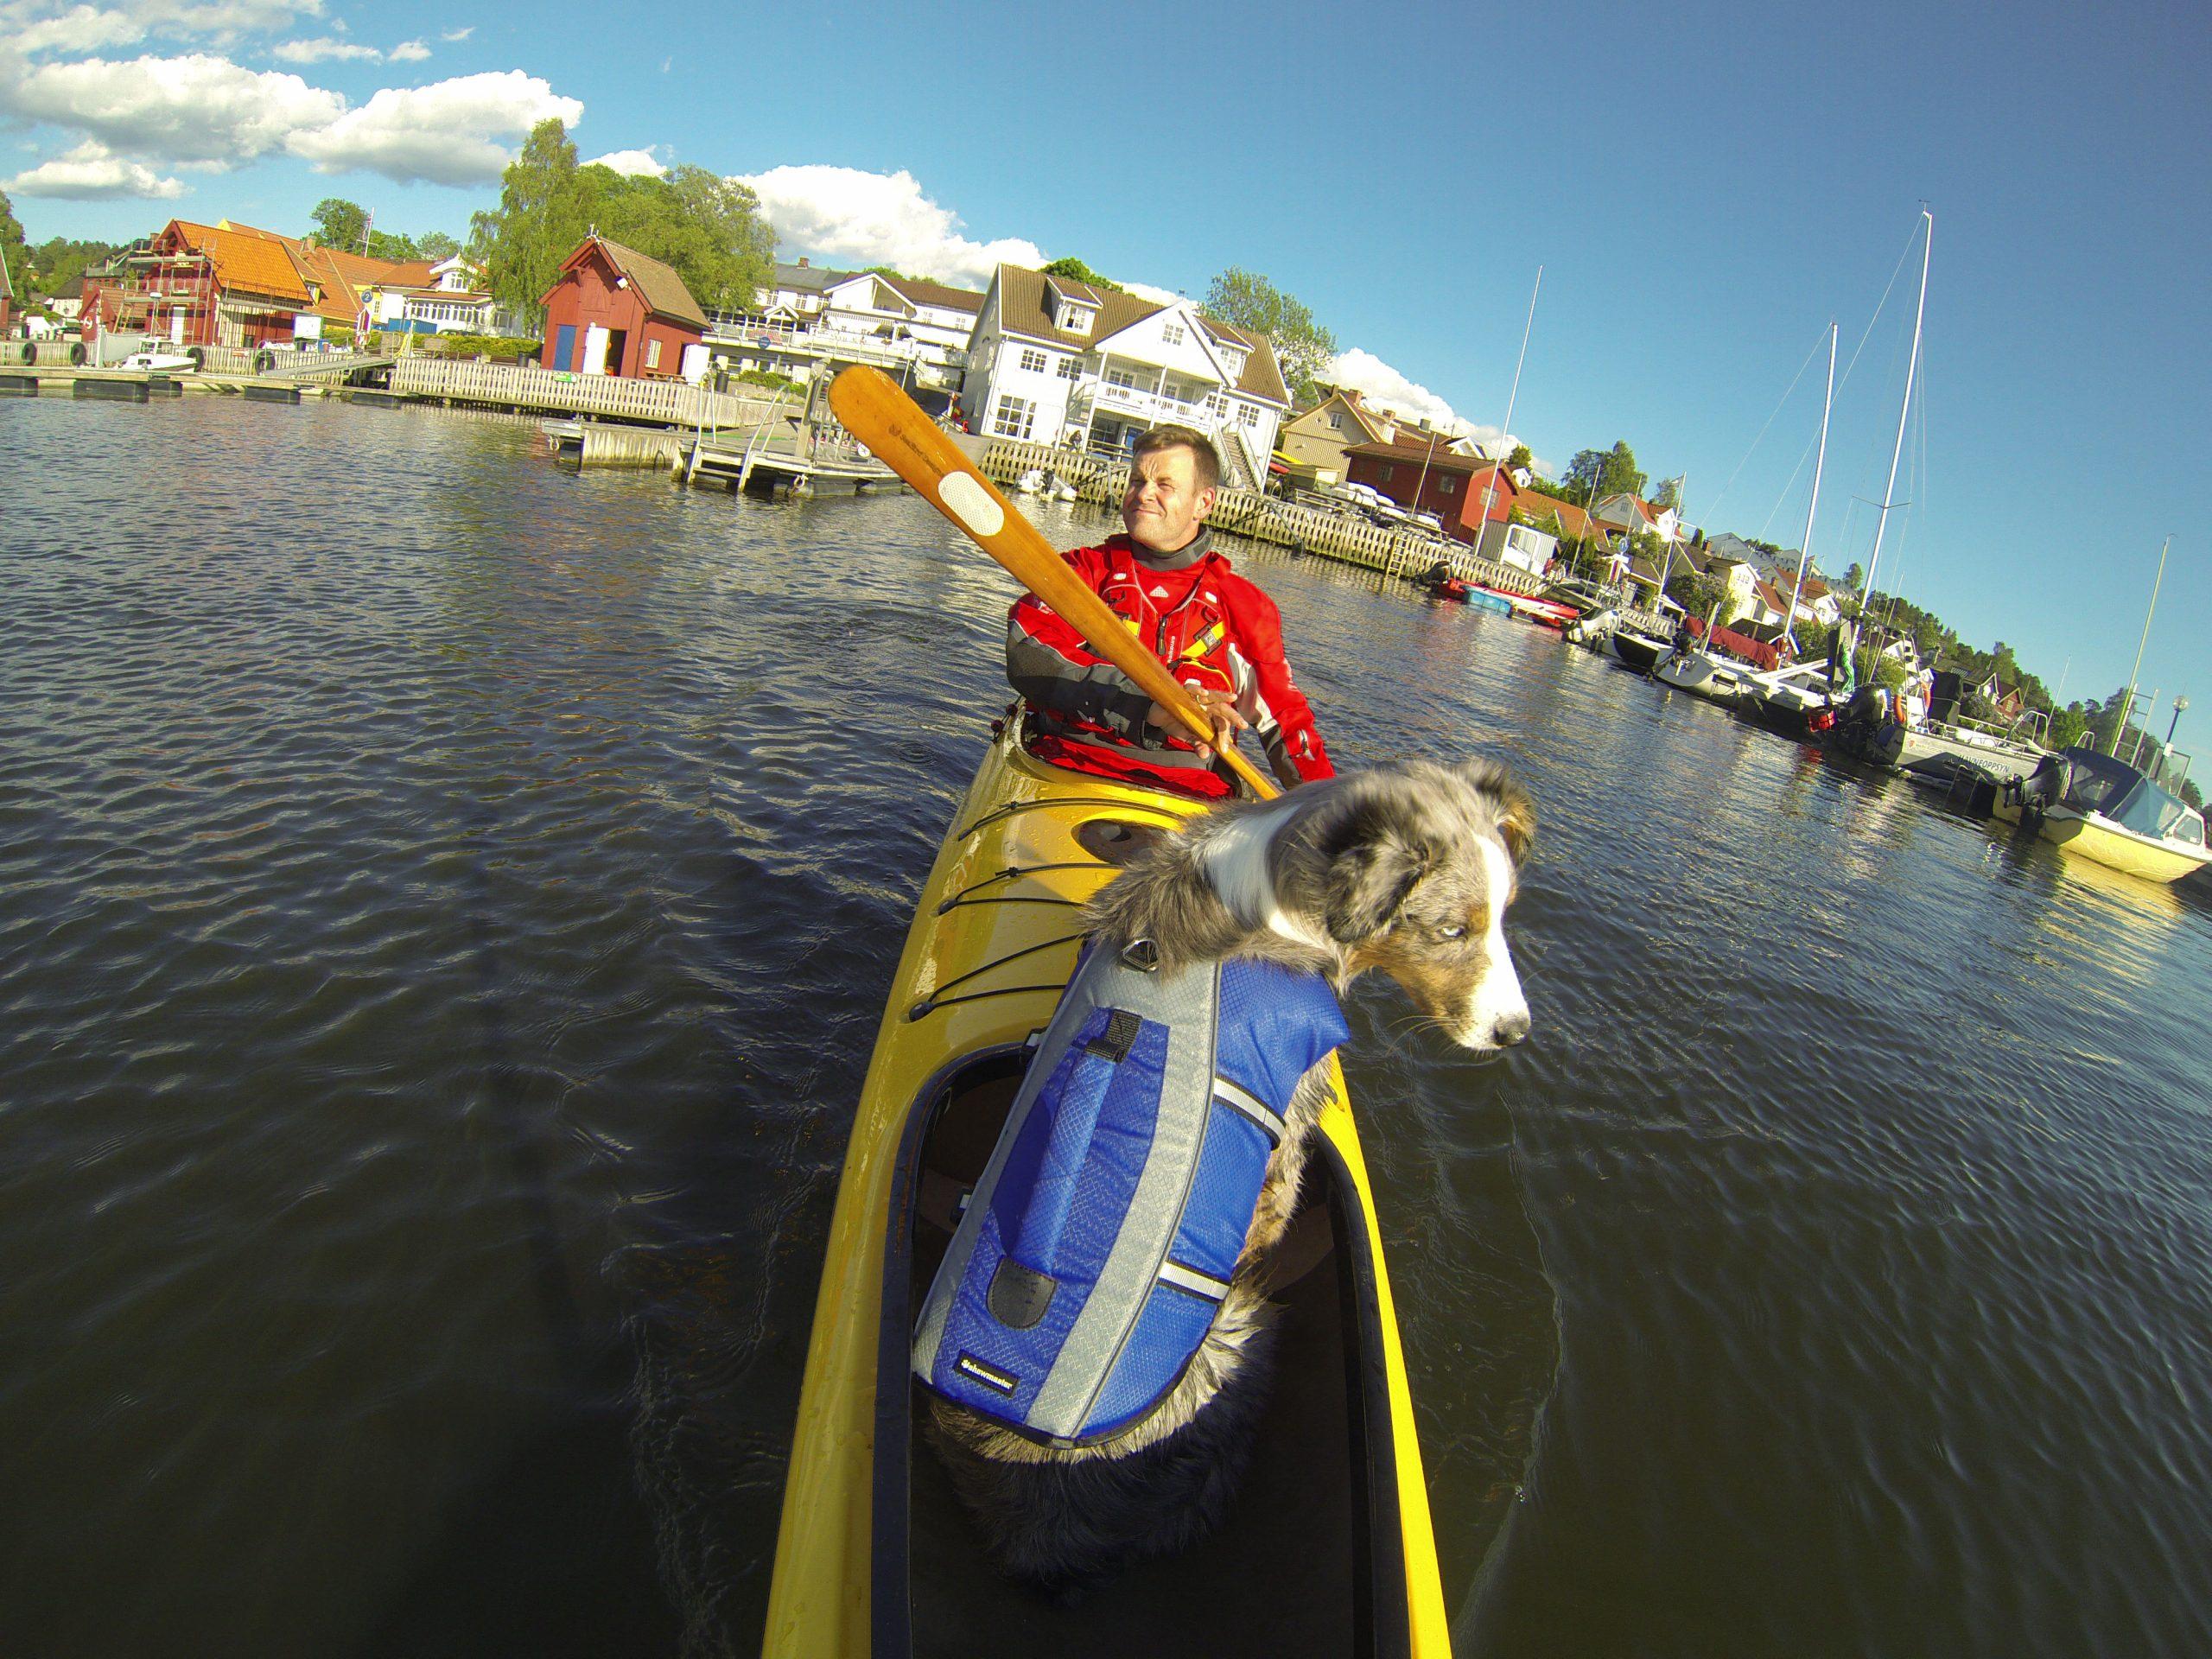 Seabird Nansen er en kajakk spesiallaget for å ha med hund. Miniaussien Balder er 44 cm høy og drøyt 13 kilo tung.